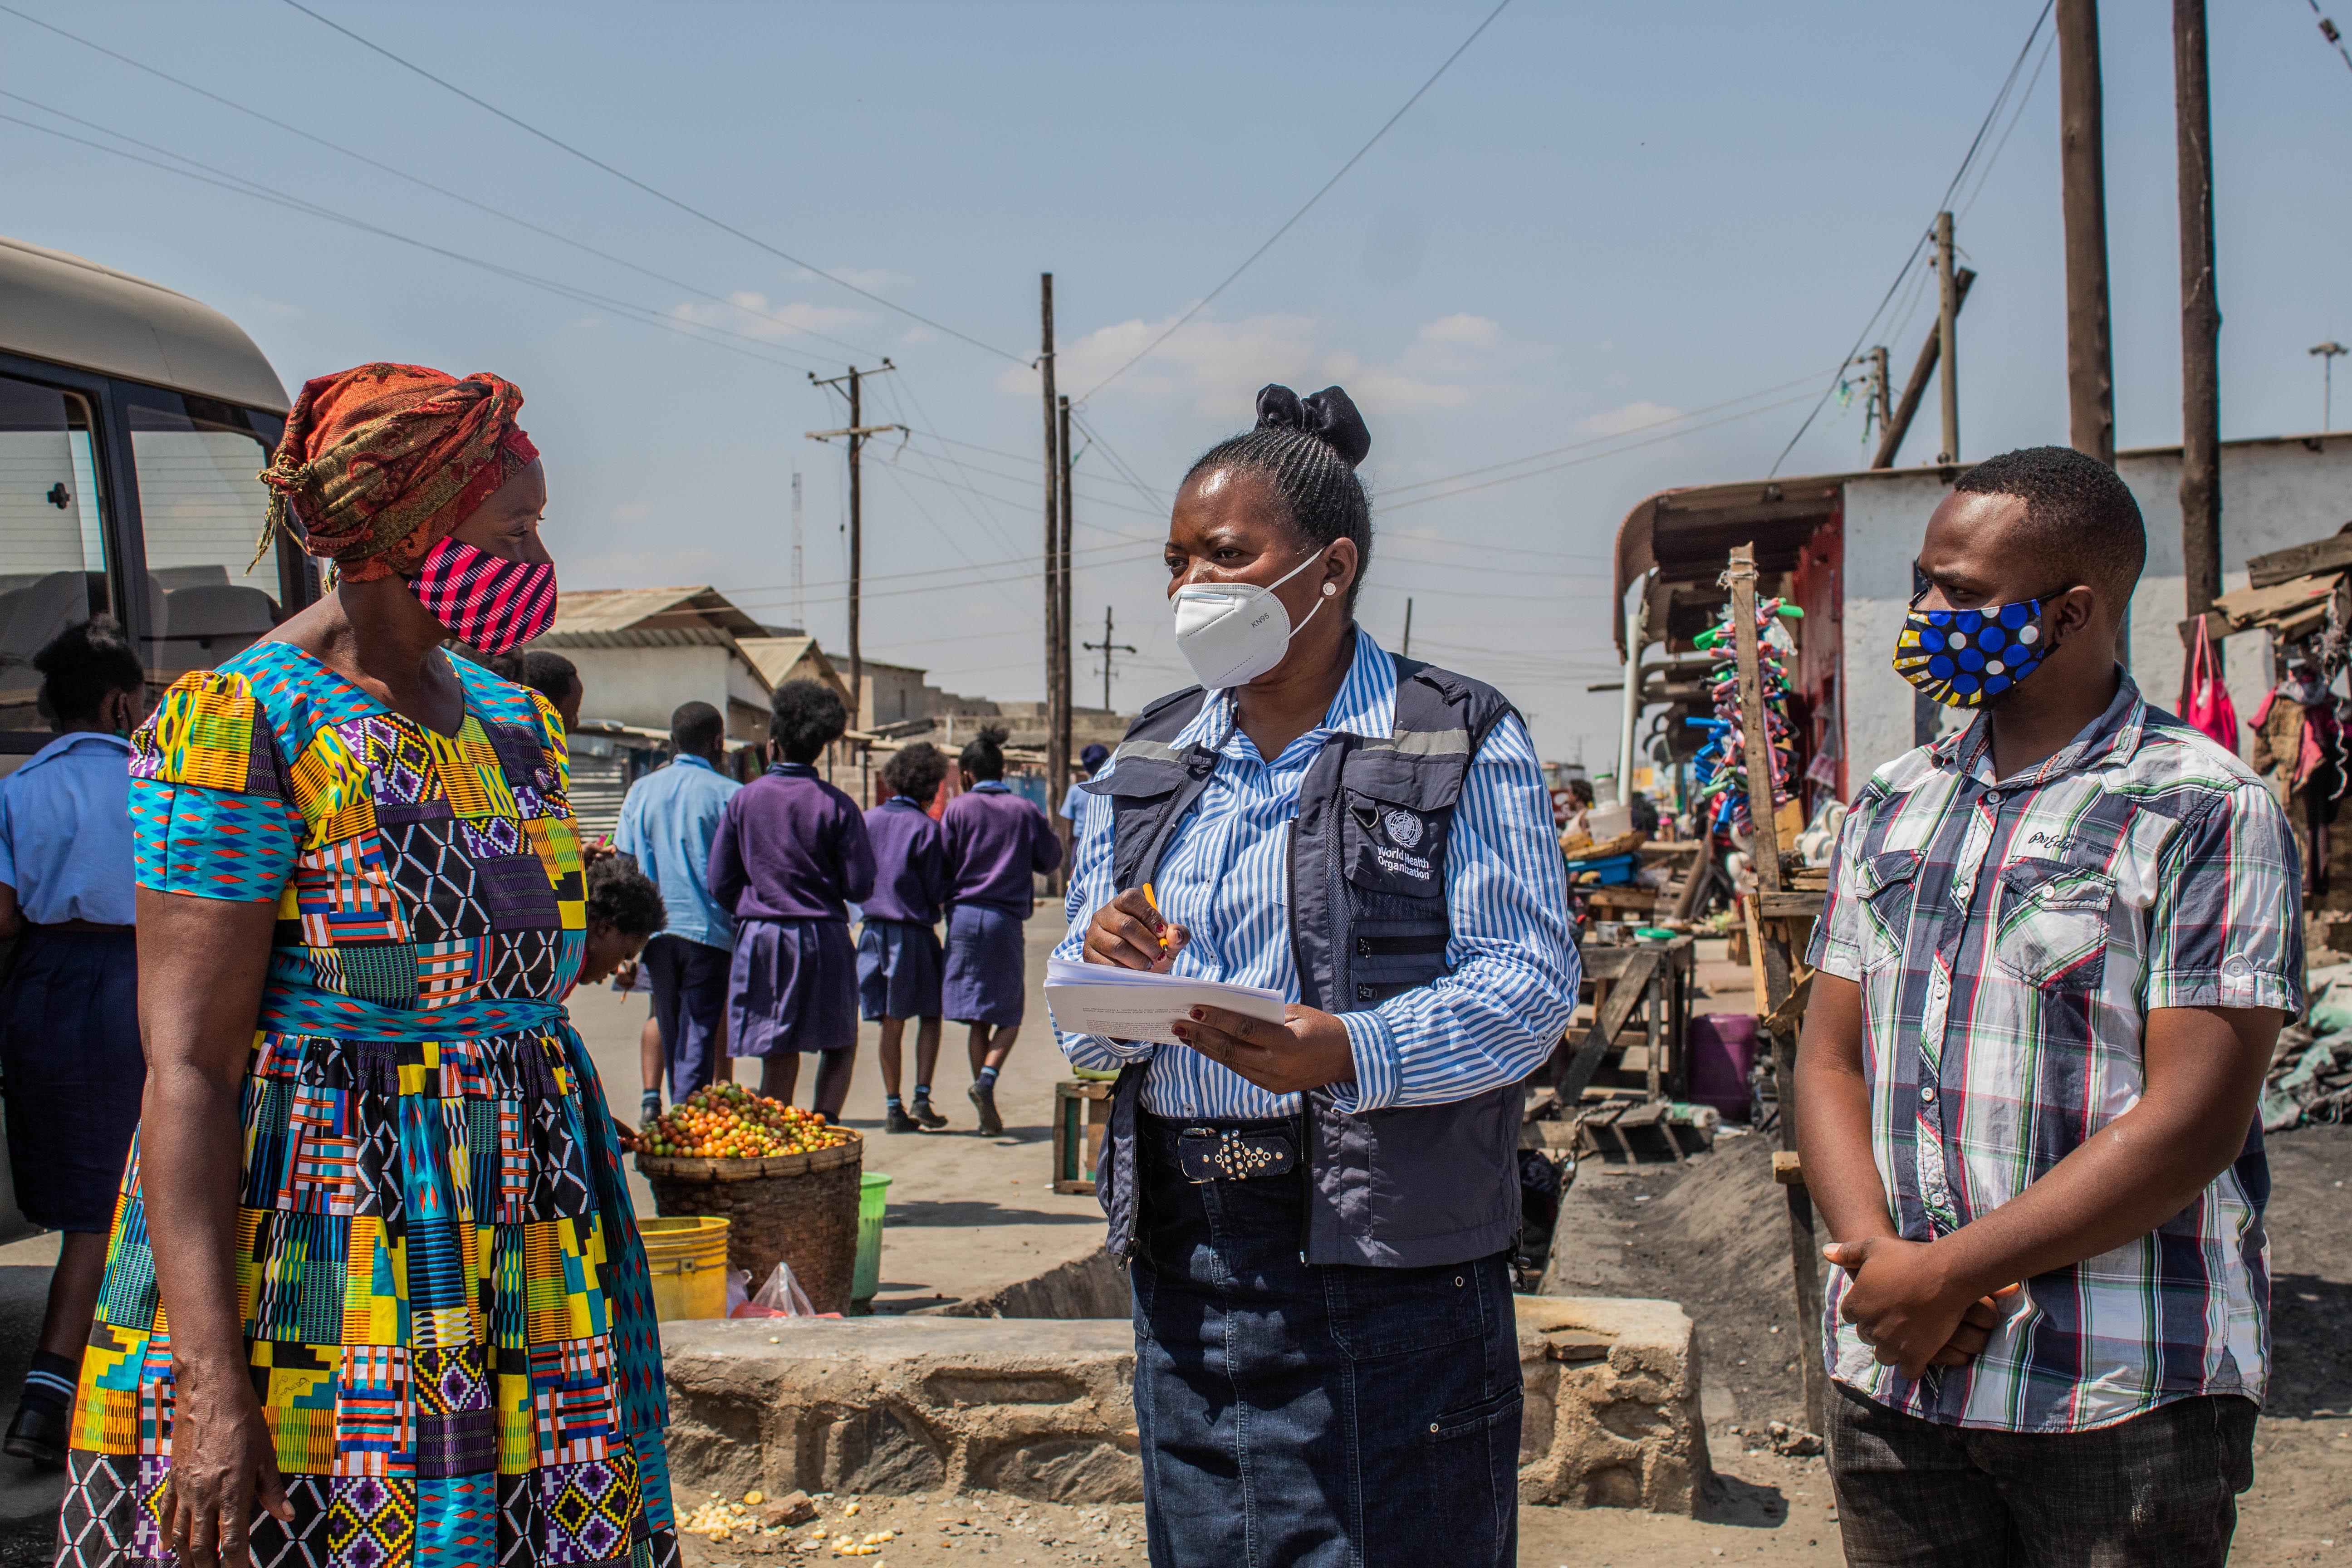 Zambian Cabinet Approves COVID-19 Vaccine